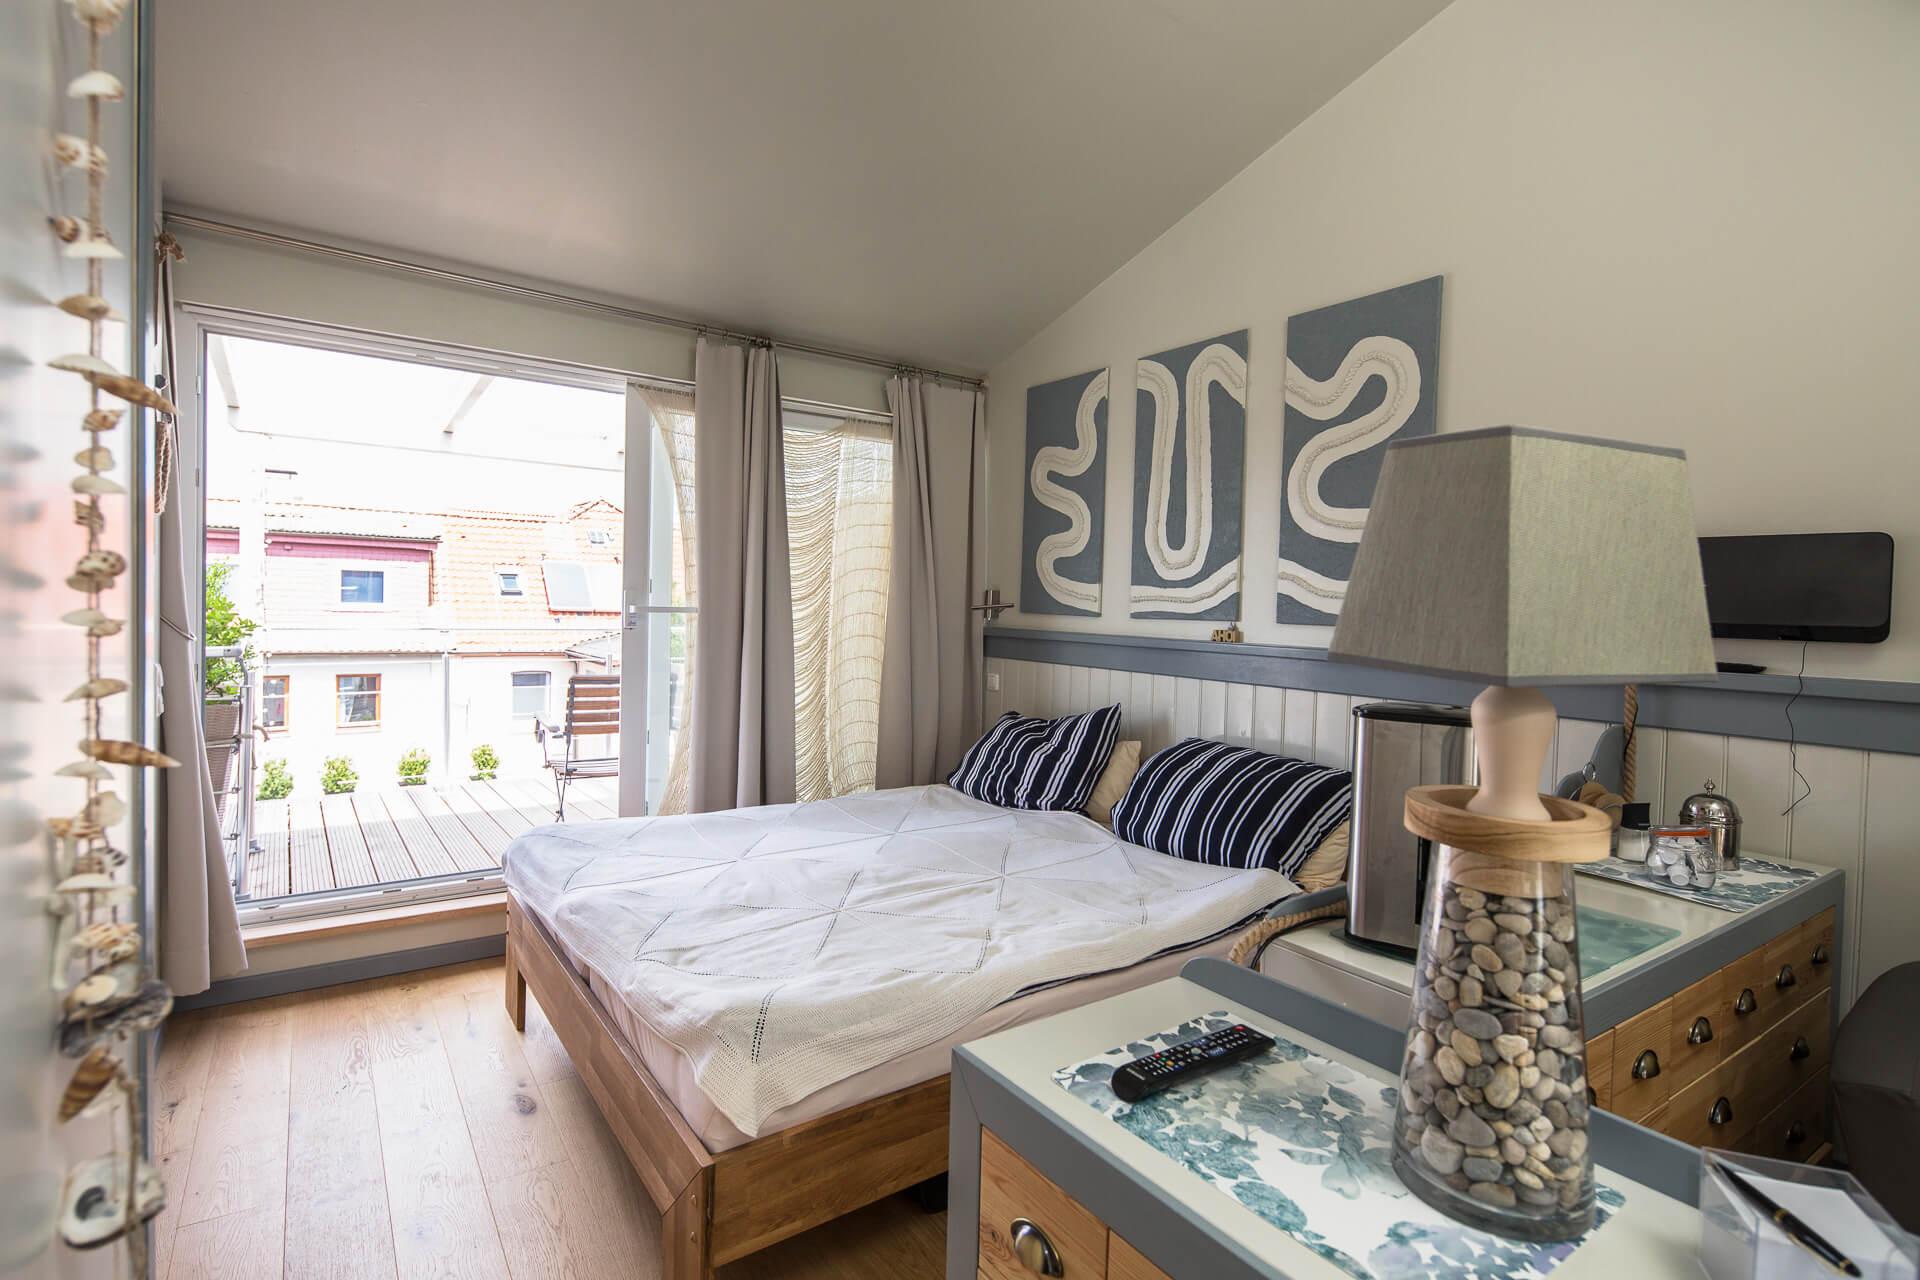 Foto Ryan Baugestaltung Appartmenthaus Lueneburg Schlafzimmer mit großer Terrasse im Hintergrund